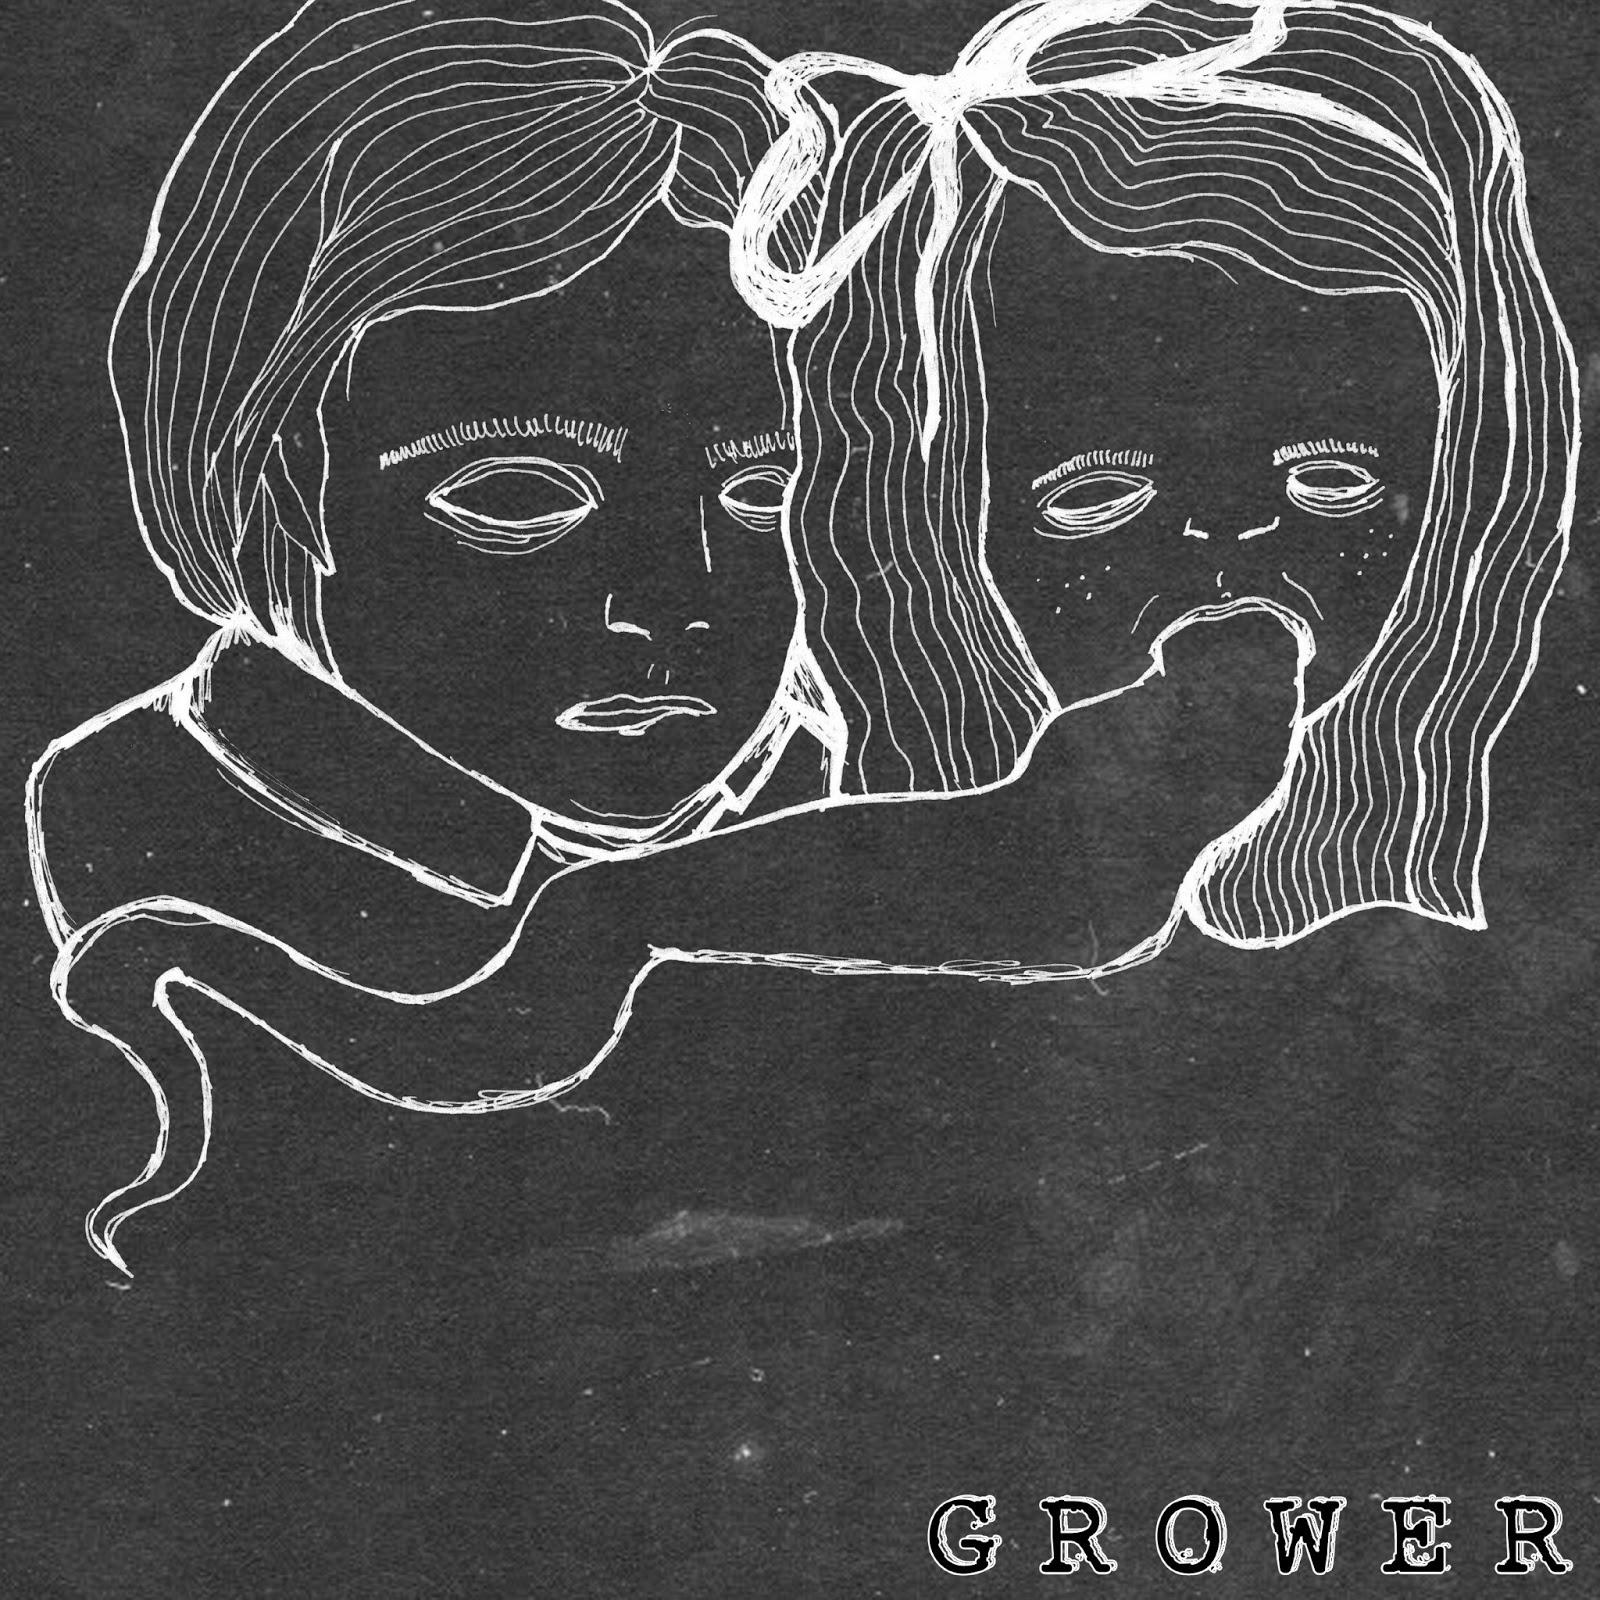 Grower - Grower (2013)